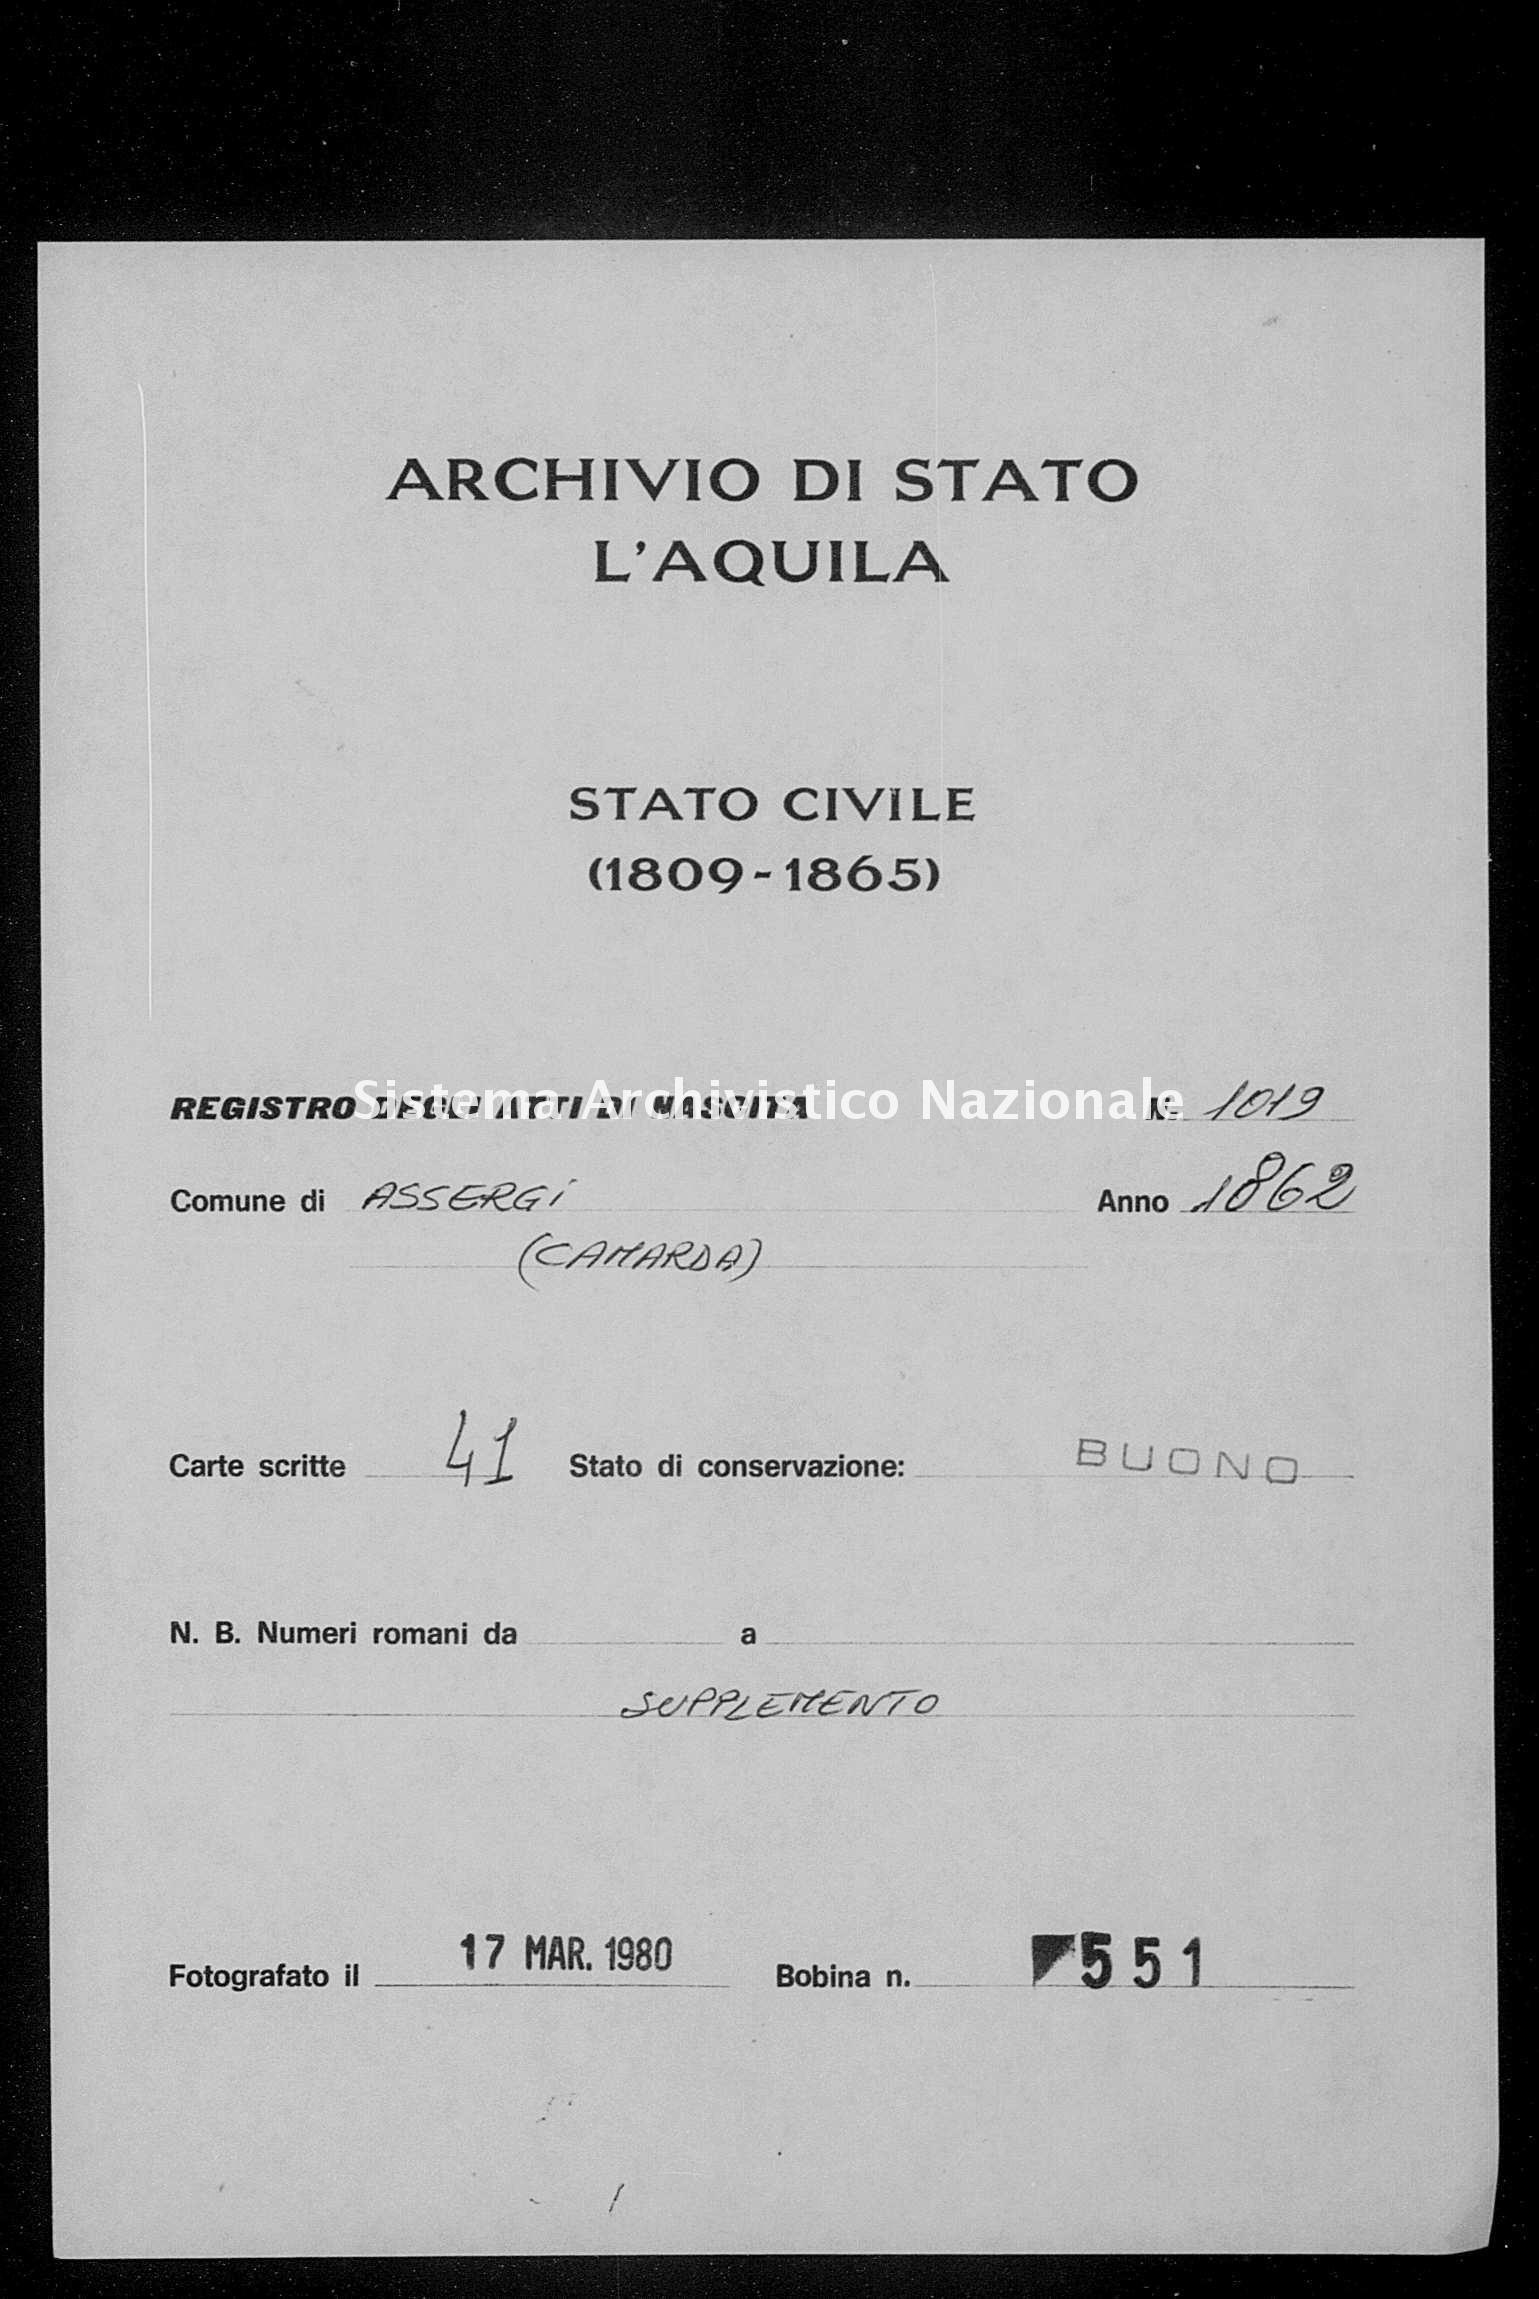 Archivio di stato di L'aquila - Stato civile italiano - Assergi - Nati, battesimi - 1862 - 1019 -